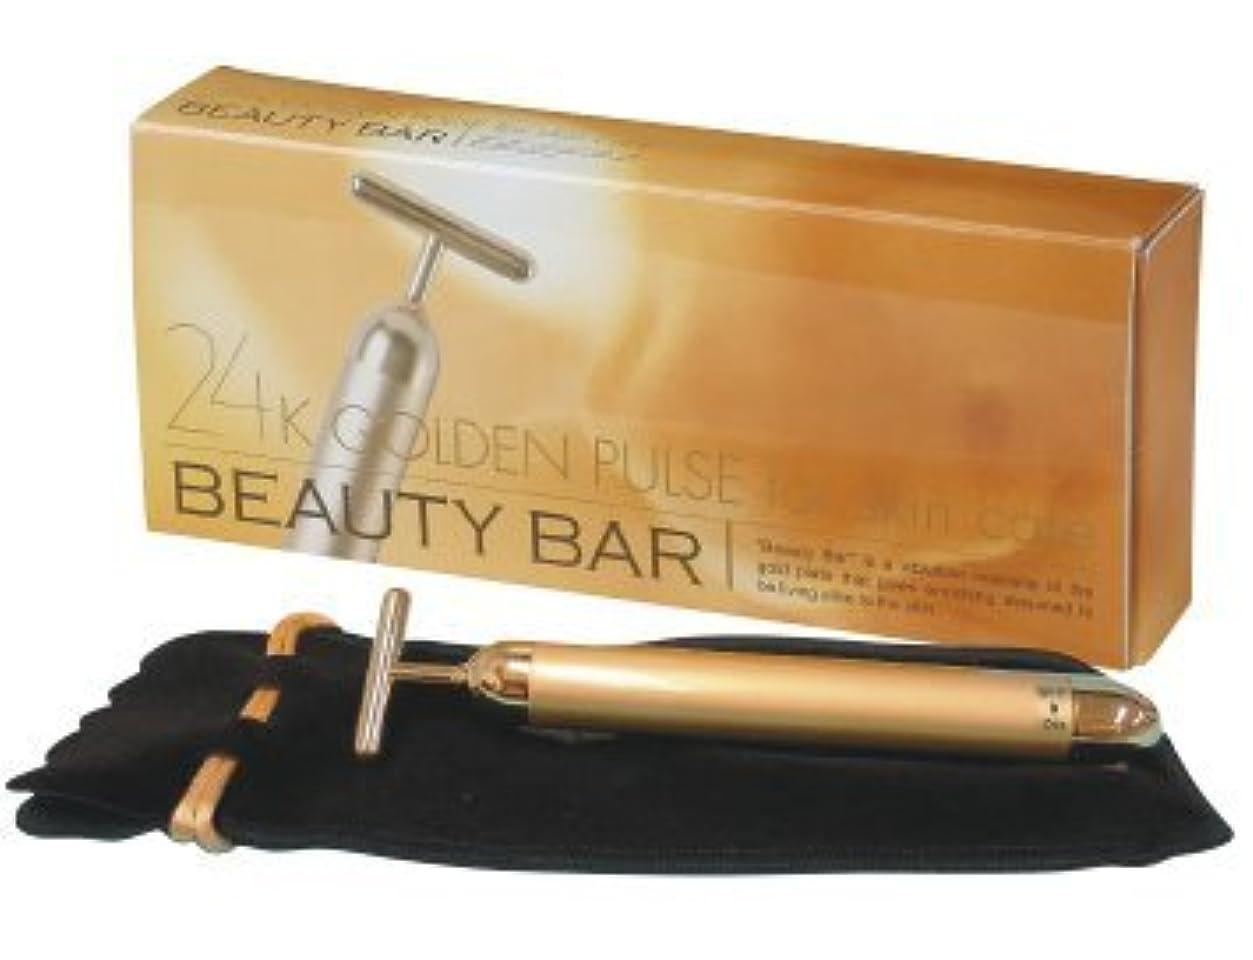 気体の波ヘアエムシービケン ビューティーバー Beauty Bar 24K 電動美顔器日本製 シリアルナンバー付 正規品 1個+ エムシー ビューティーマッサージゲル1個